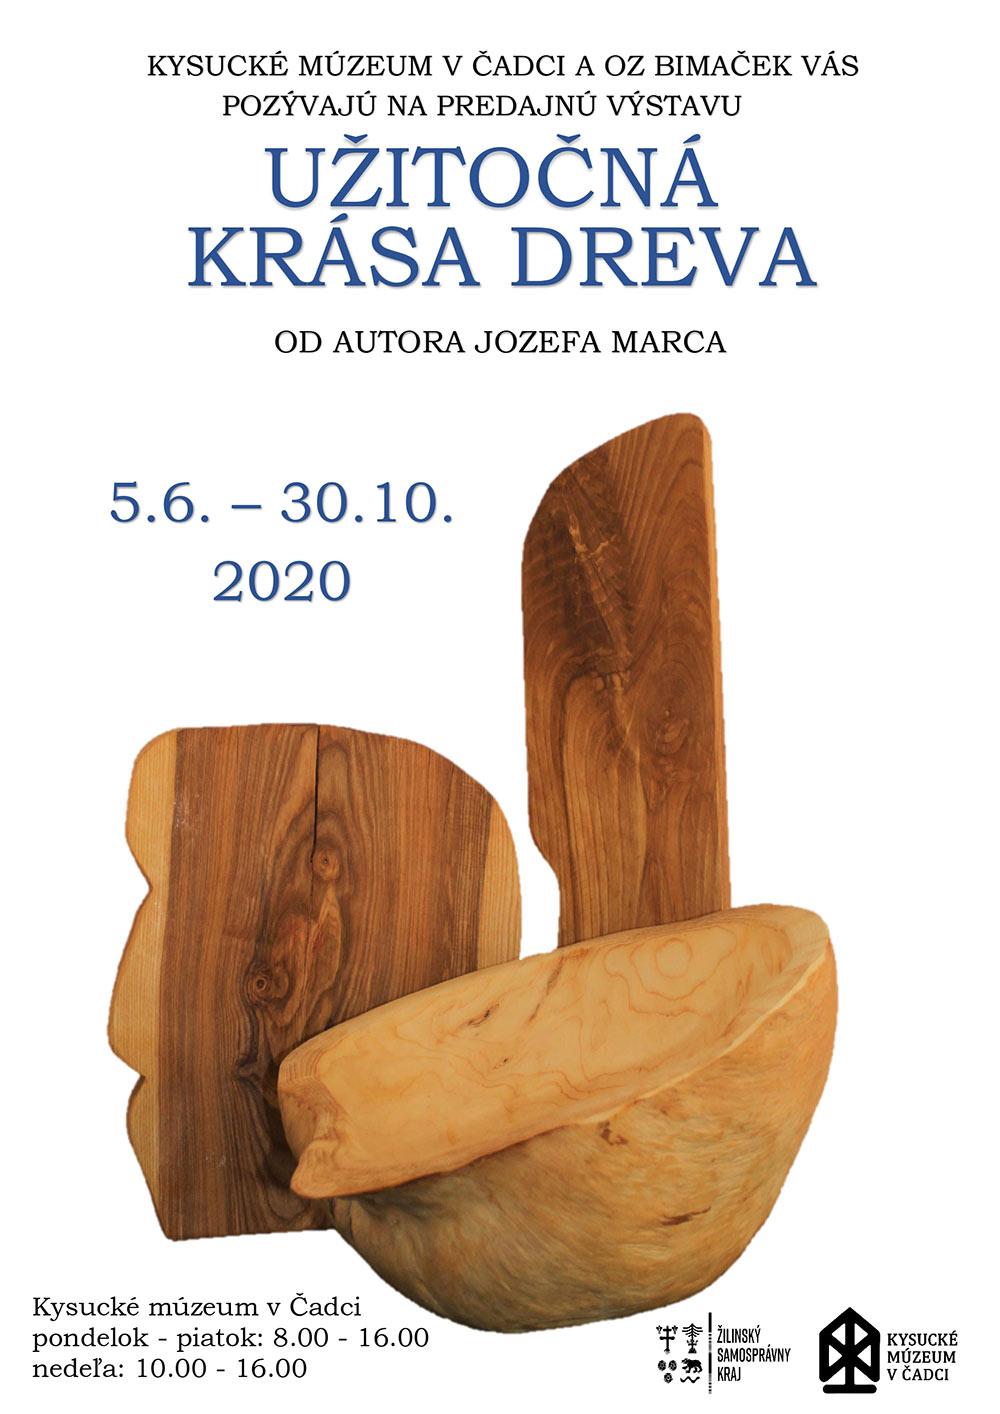 Predajná výstava Užitočná krása dreva autora Jozefa Marca priblíži krásu prírodného materiálu